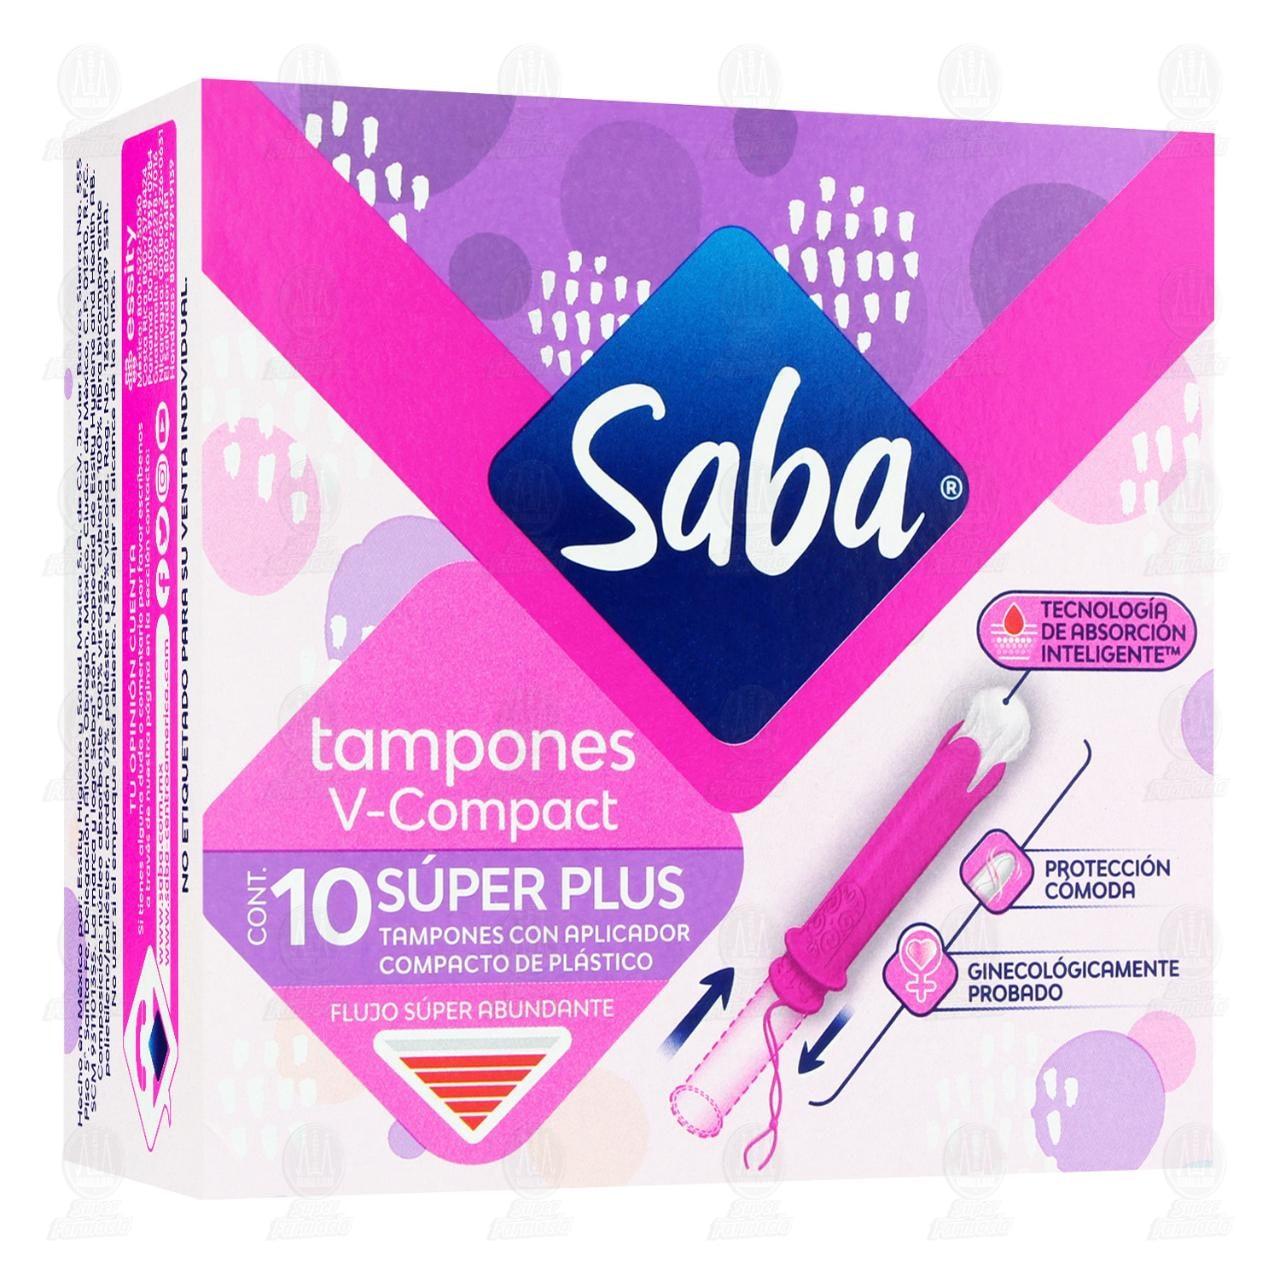 comprar https://www.movil.farmaciasguadalajara.com/wcsstore/FGCAS/wcs/products/1321420_A_1280_AL.jpg en farmacias guadalajara